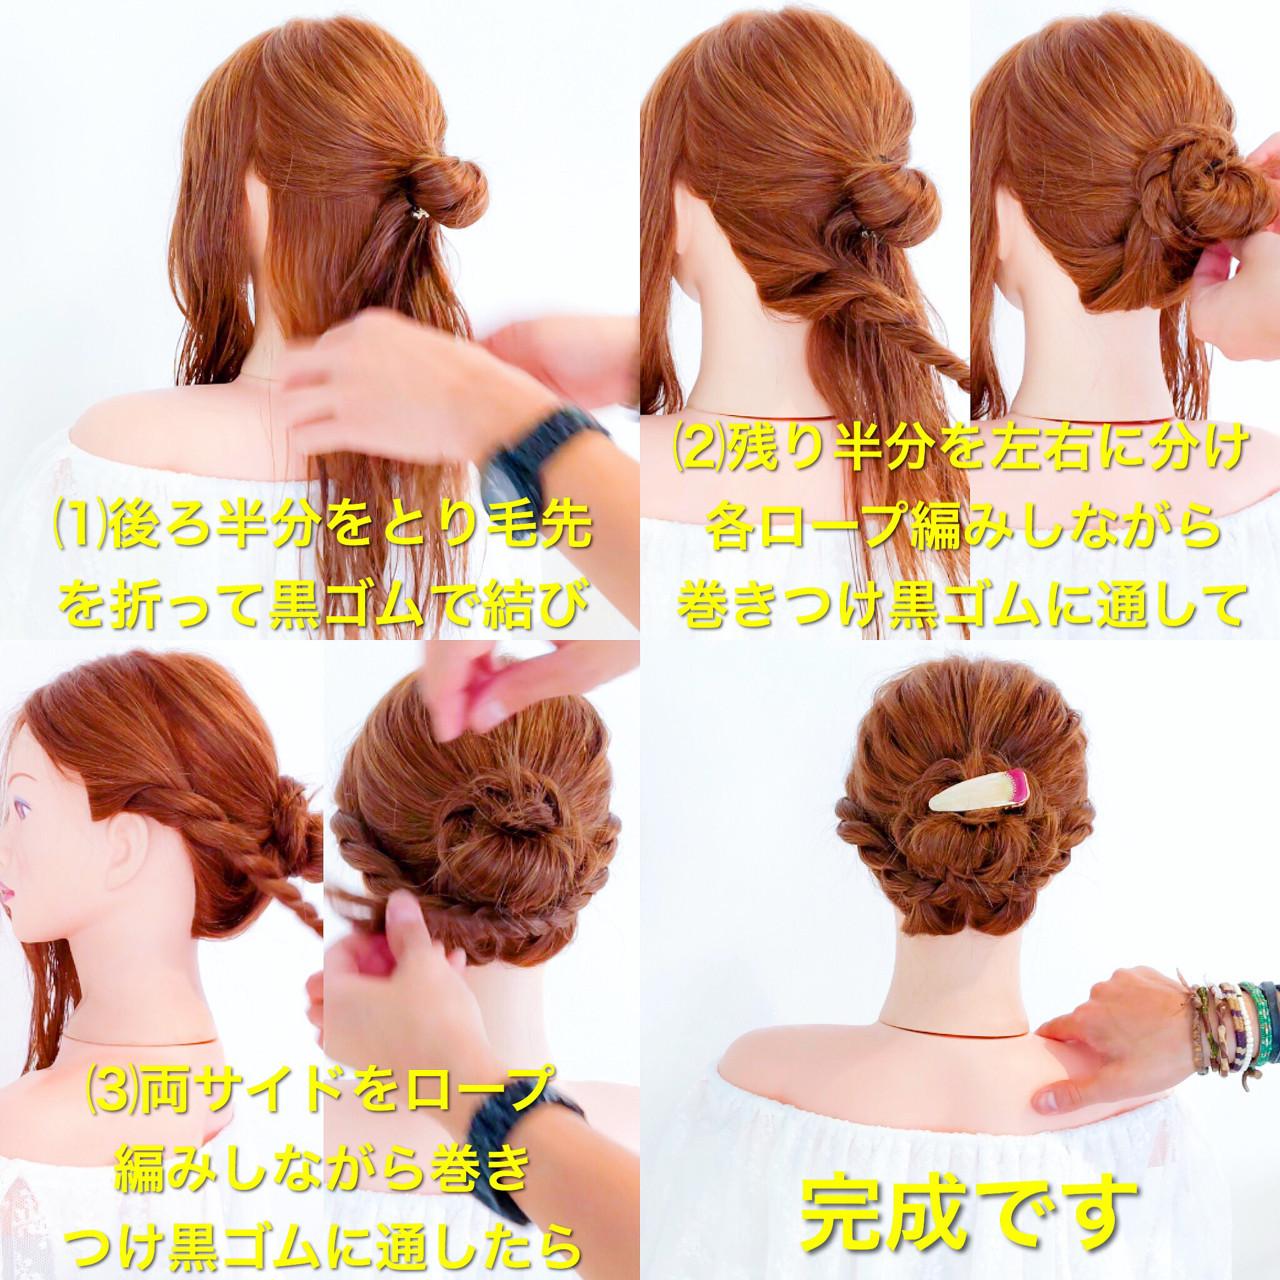 髪量多くてもOK!崩れにくいお団子ヘア 美容師 HIRO